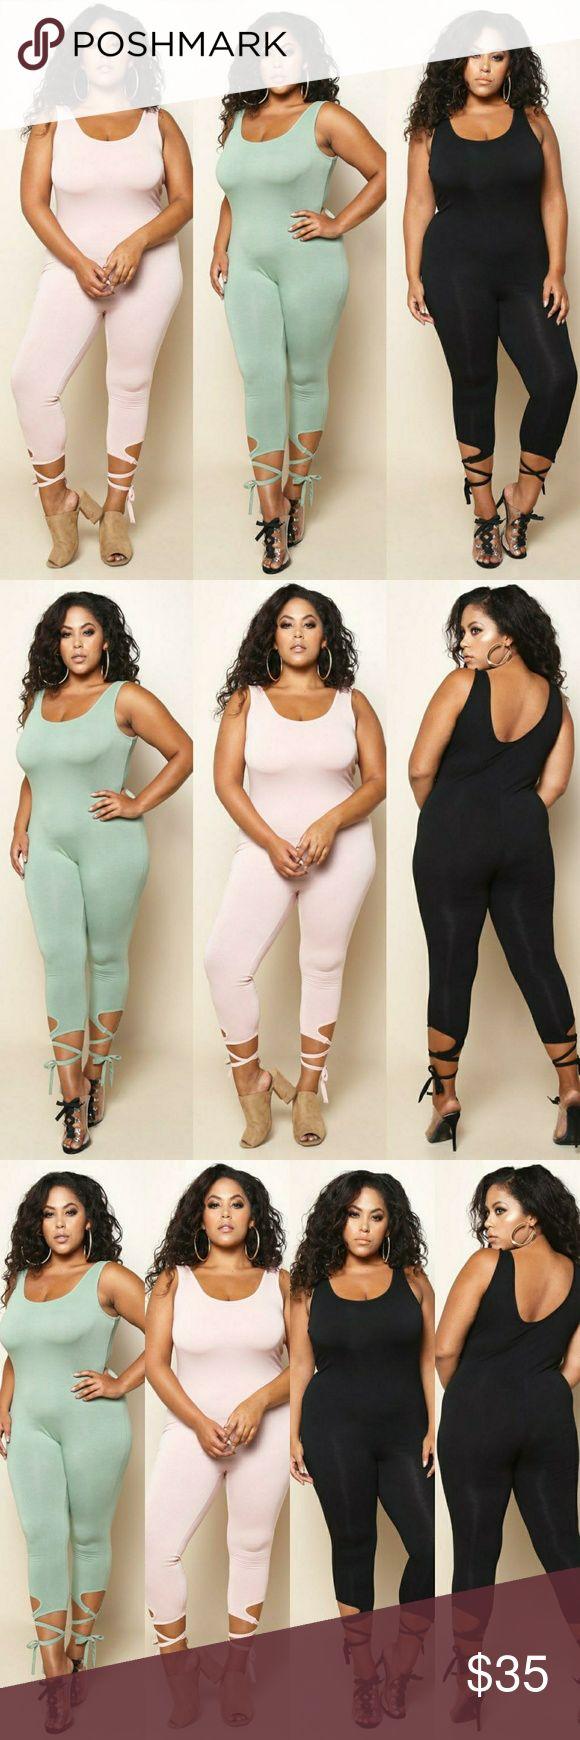 Plus Size Tie Bottom Detail Yoga Jumpsuit Plus Size Tie Bottom Detail Yoga Jumpsuit Fabric:?COTTON Content:?95%COTTON,5%SPANDEX  All Colors are available Black Pants Jumpsuits & Rompers